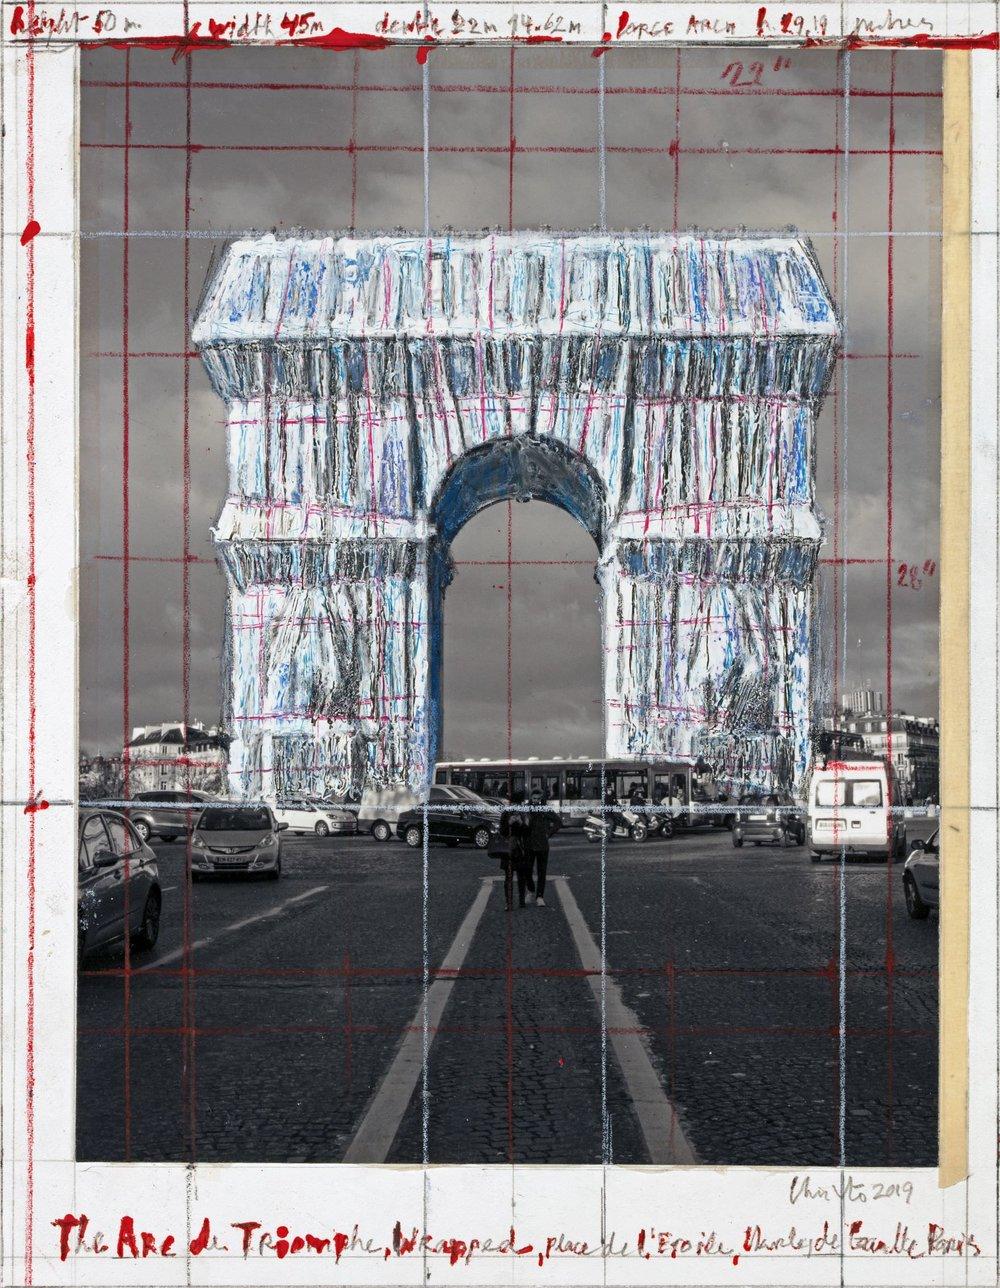 """Christo, The Arc de Triomphe, Wrapped, Place de l'Etoile, Charles de Gaulle, Paris, Collage 2019, 11 x 8 1/2"""" (28 x 21.5 cm), Pencil, wax crayon, enamel paint, photograph by Wolfgang Volz and tape, Photo: André Grossmann © 2019 Christo"""